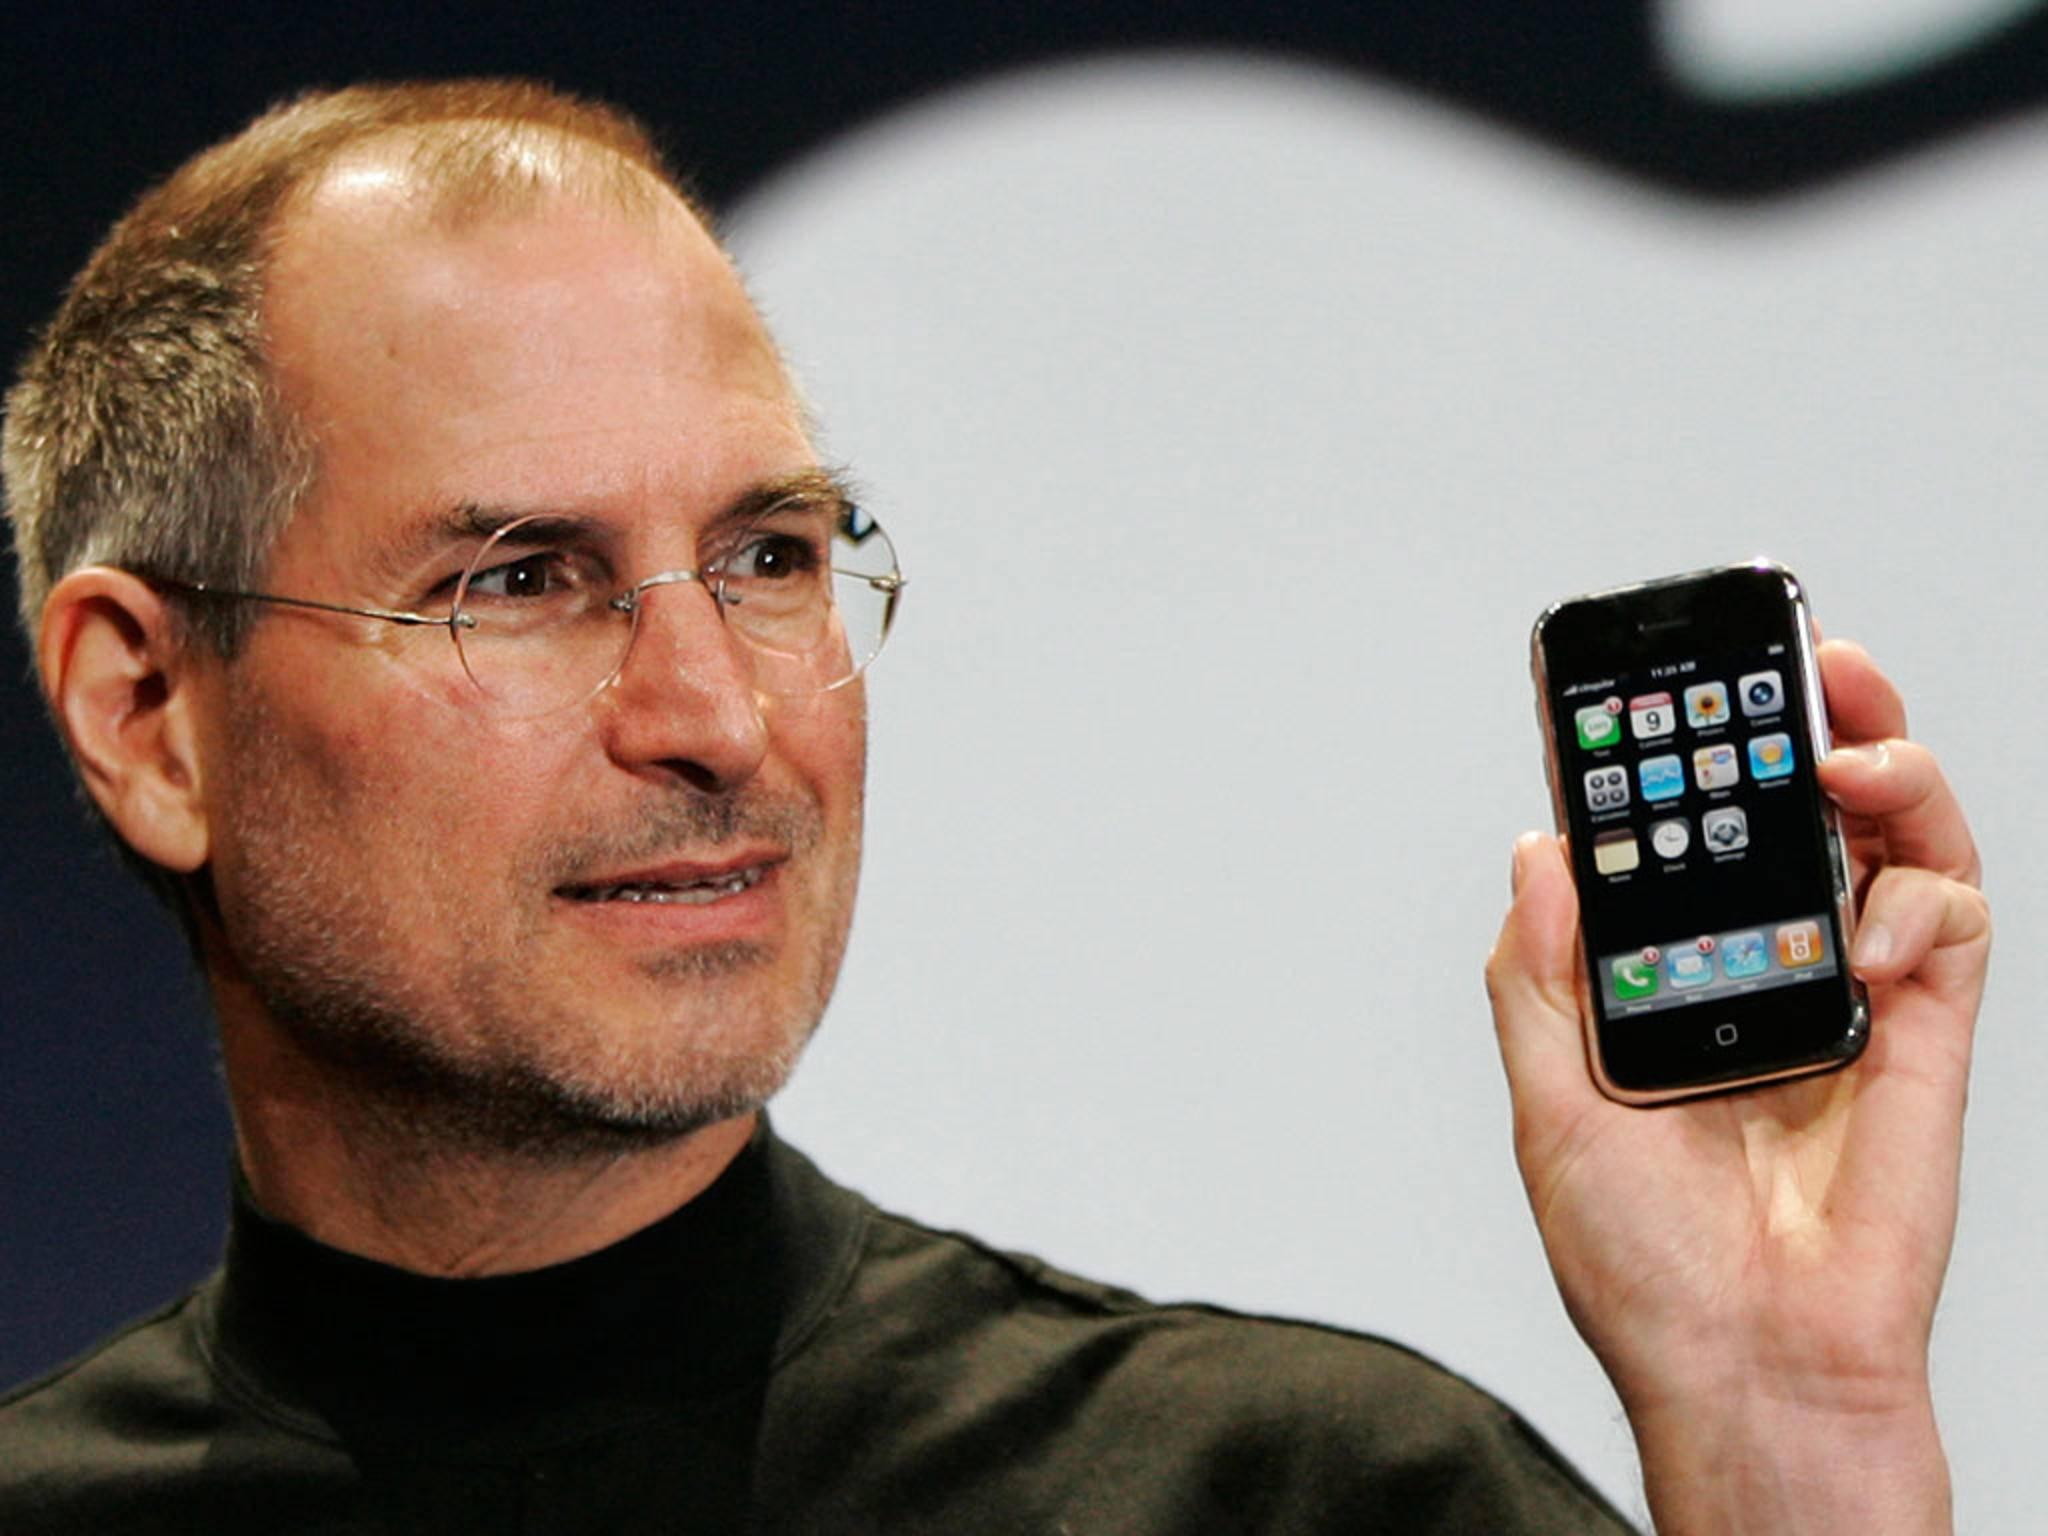 Steve Jobs war ein Visionär, lag aber mit seinen Vorhersagen gelegentlich auch daneben.